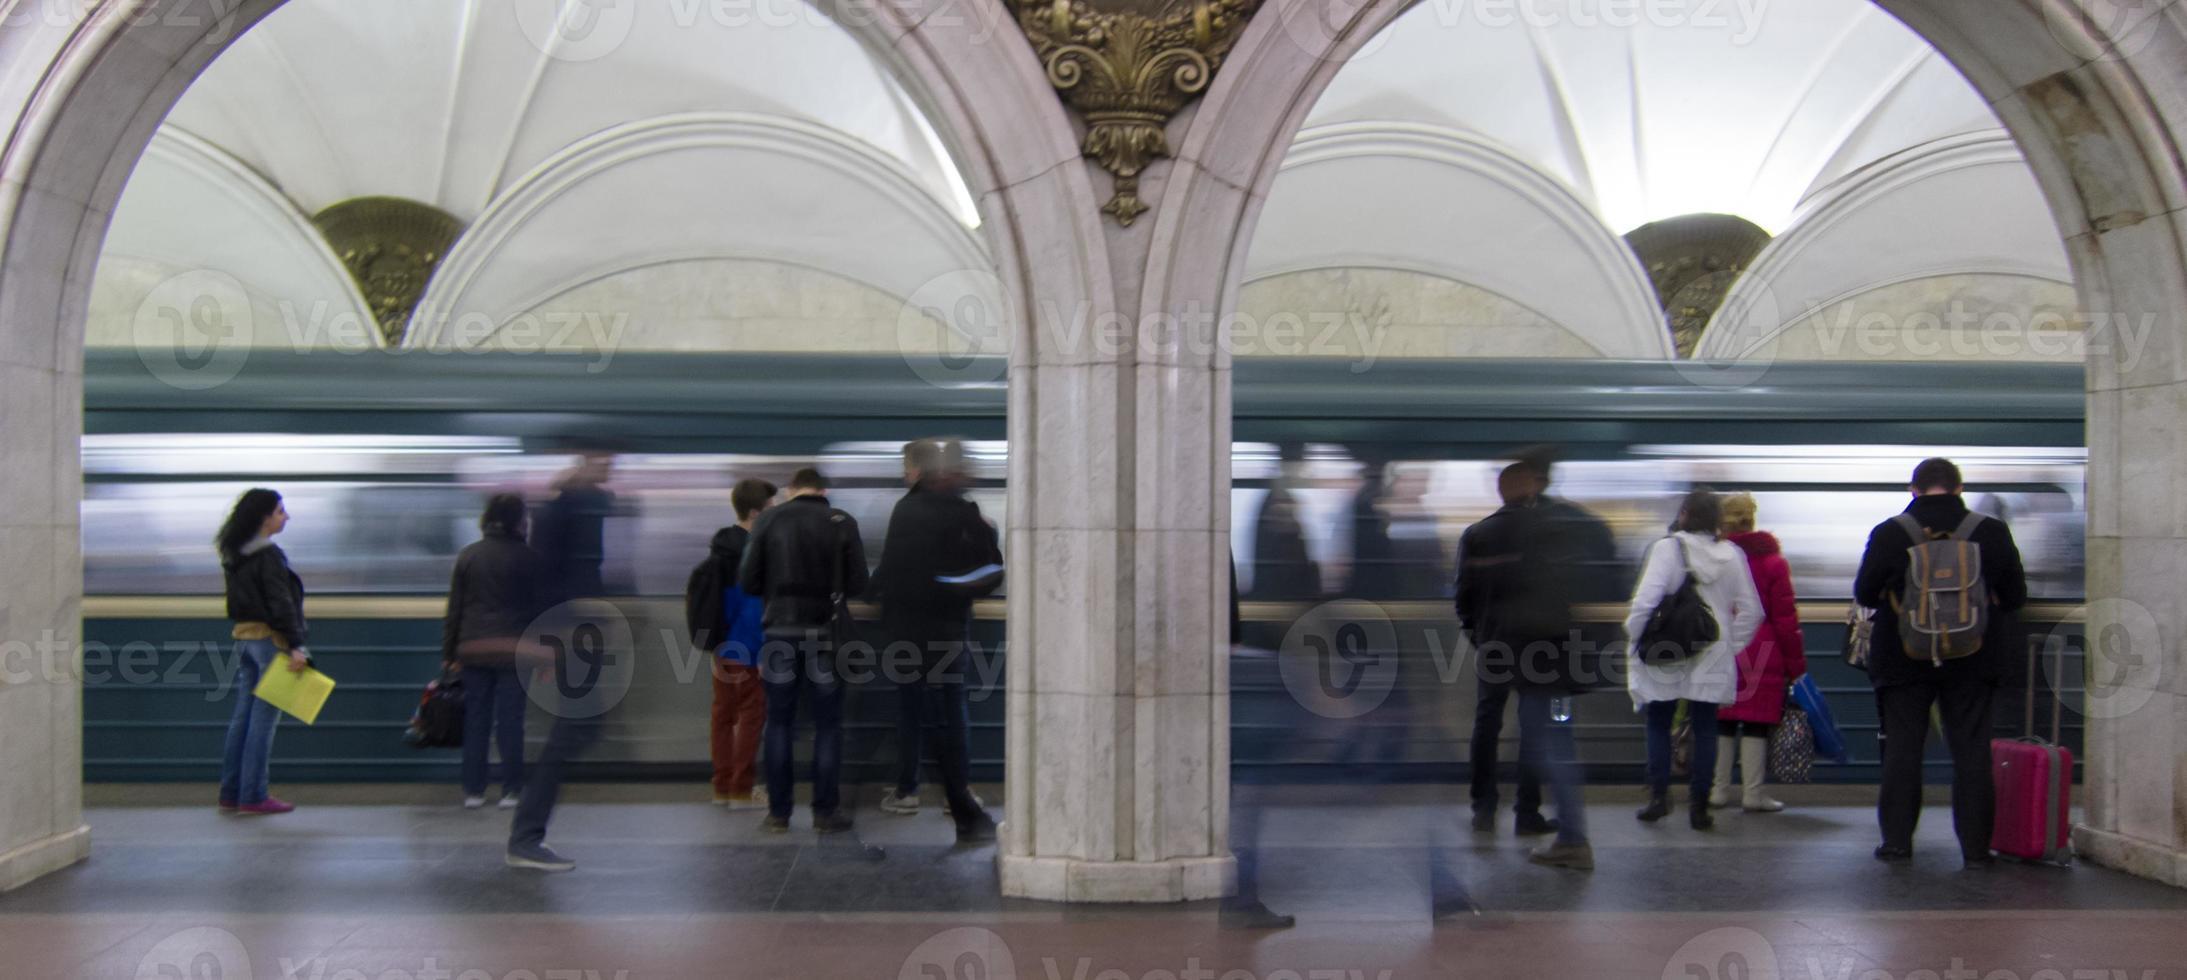 en de metro van Moskou met de metro foto